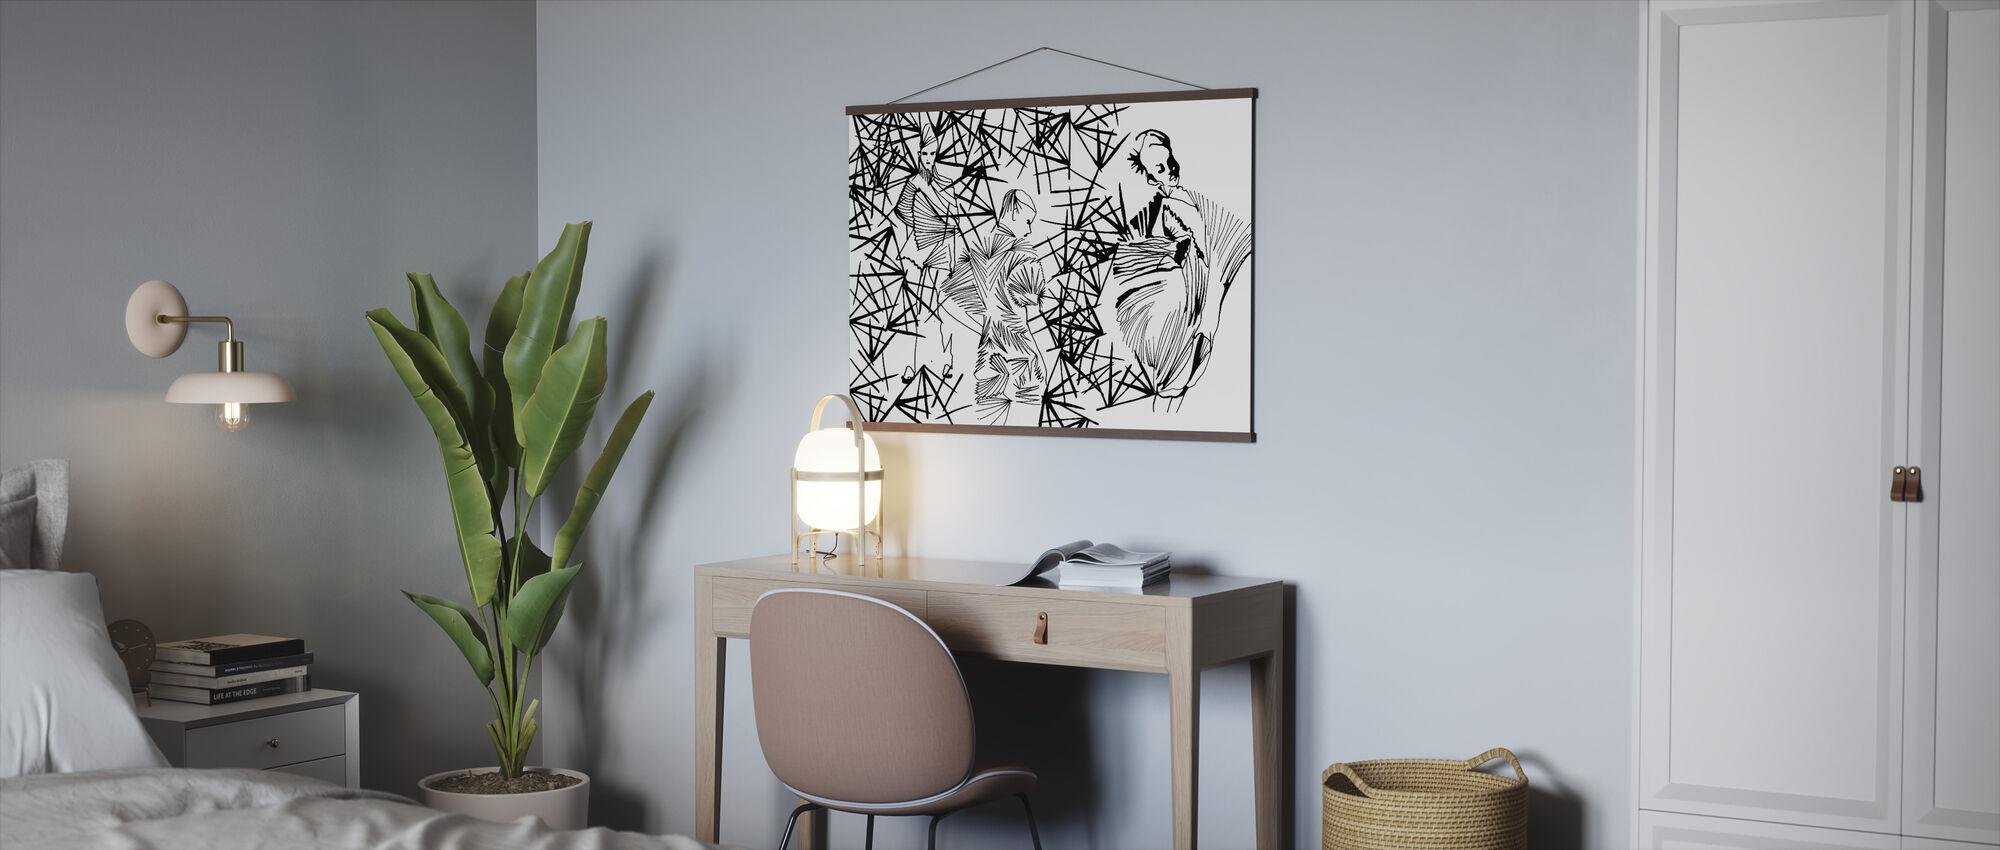 Geplooide schoonheid - Poster - Kantoor